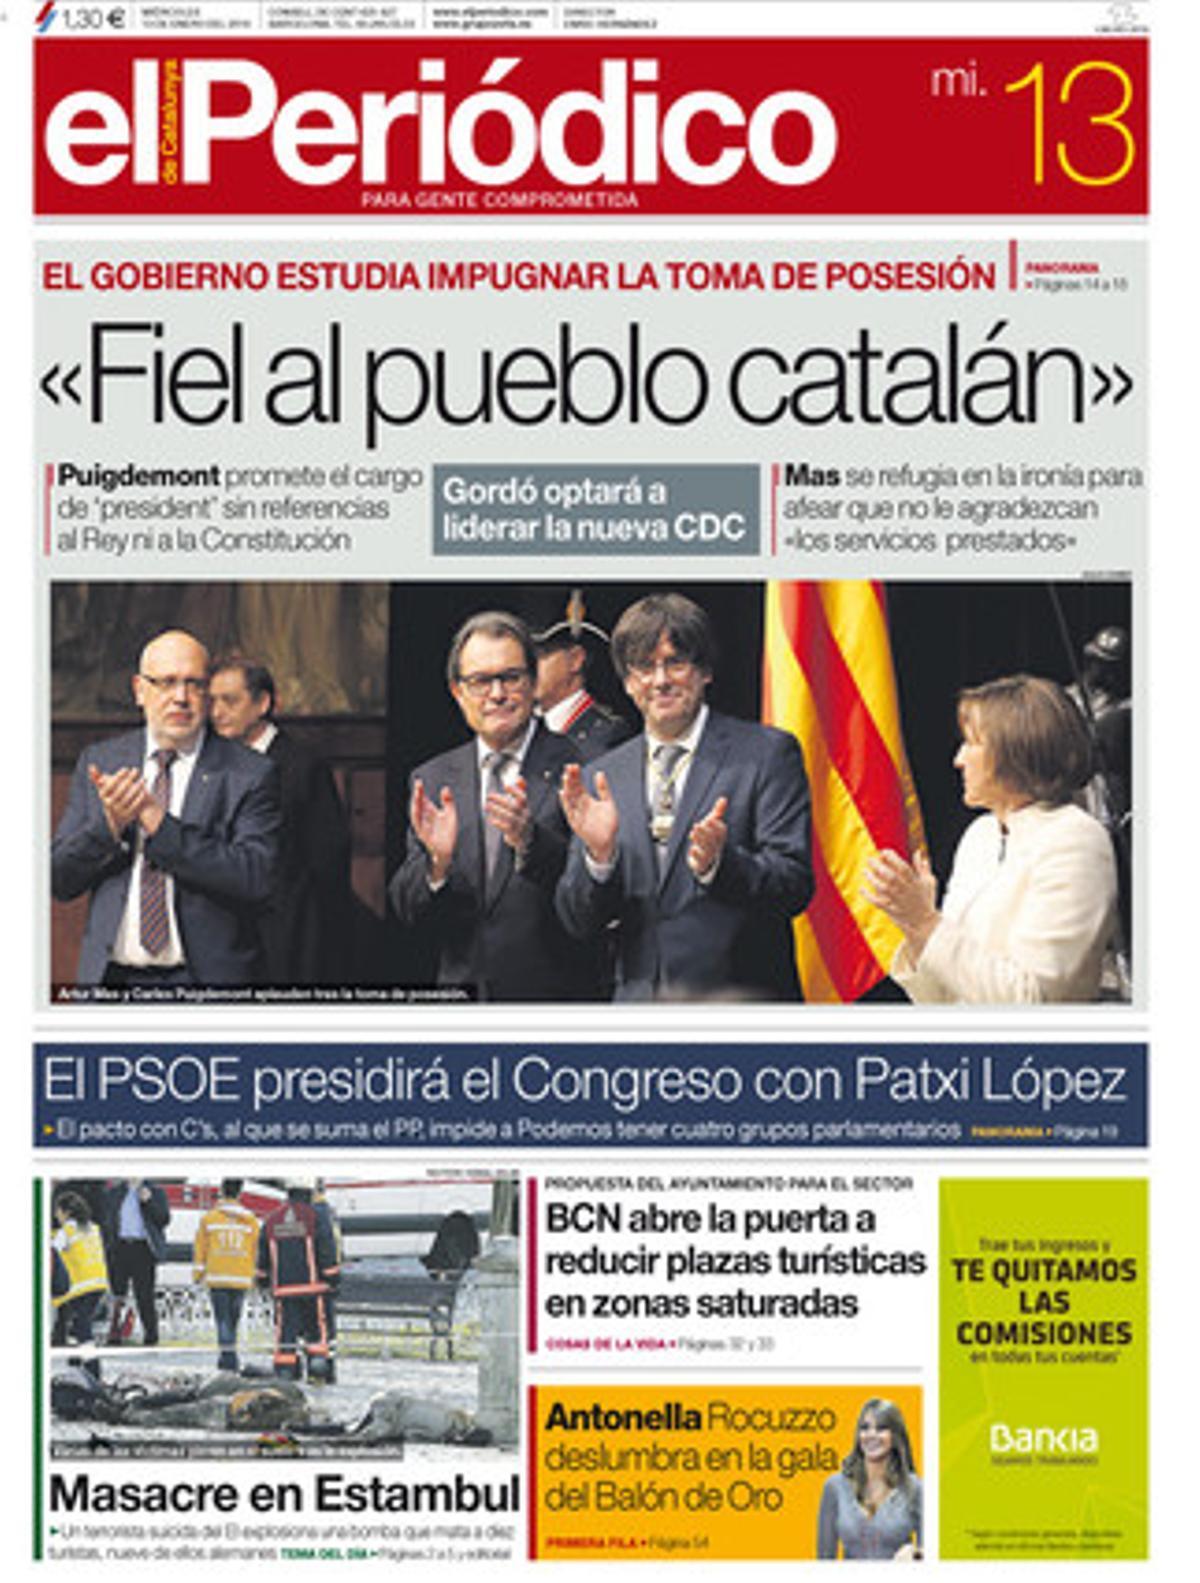 Portada de la edición de EL PERIÓDICO DE CATALUNYA del 13 de enero.